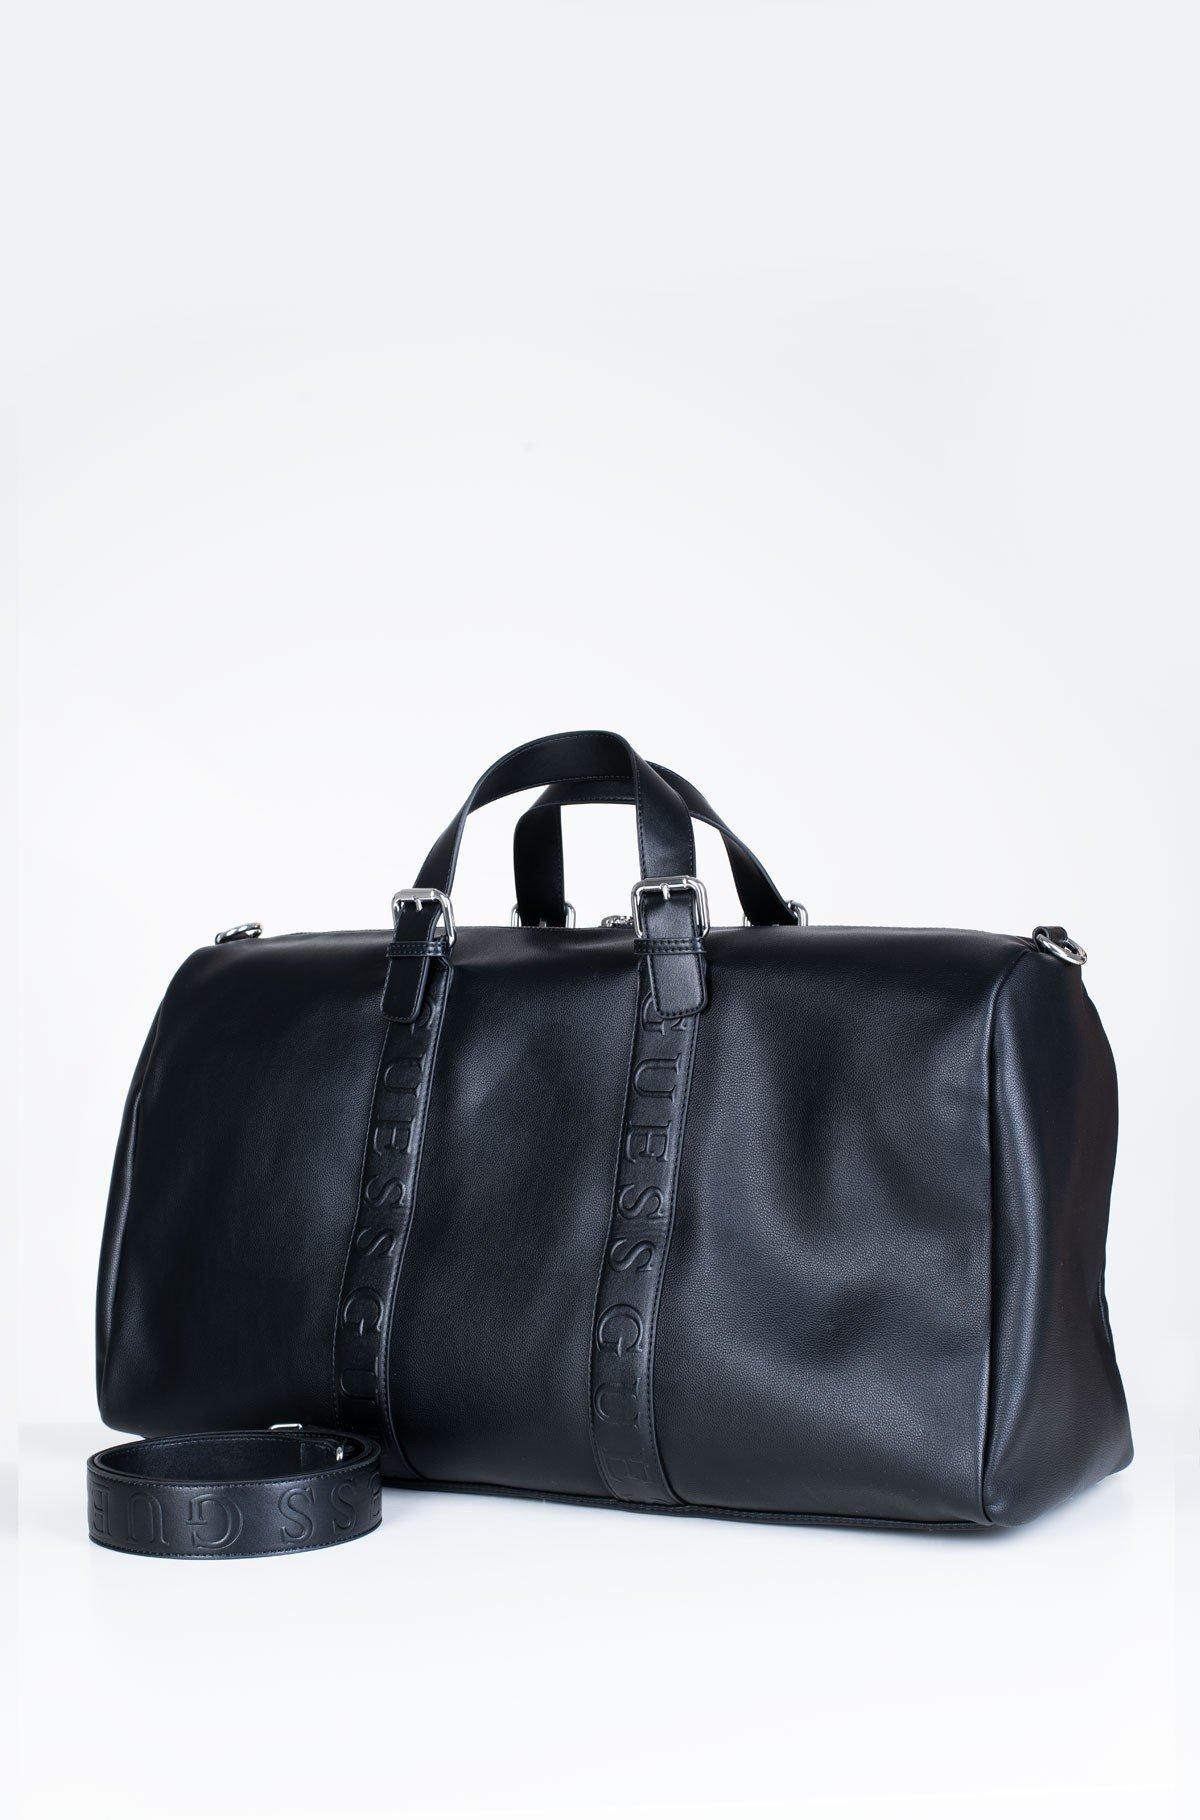 Travel bag  TM6843 PL201-full-2